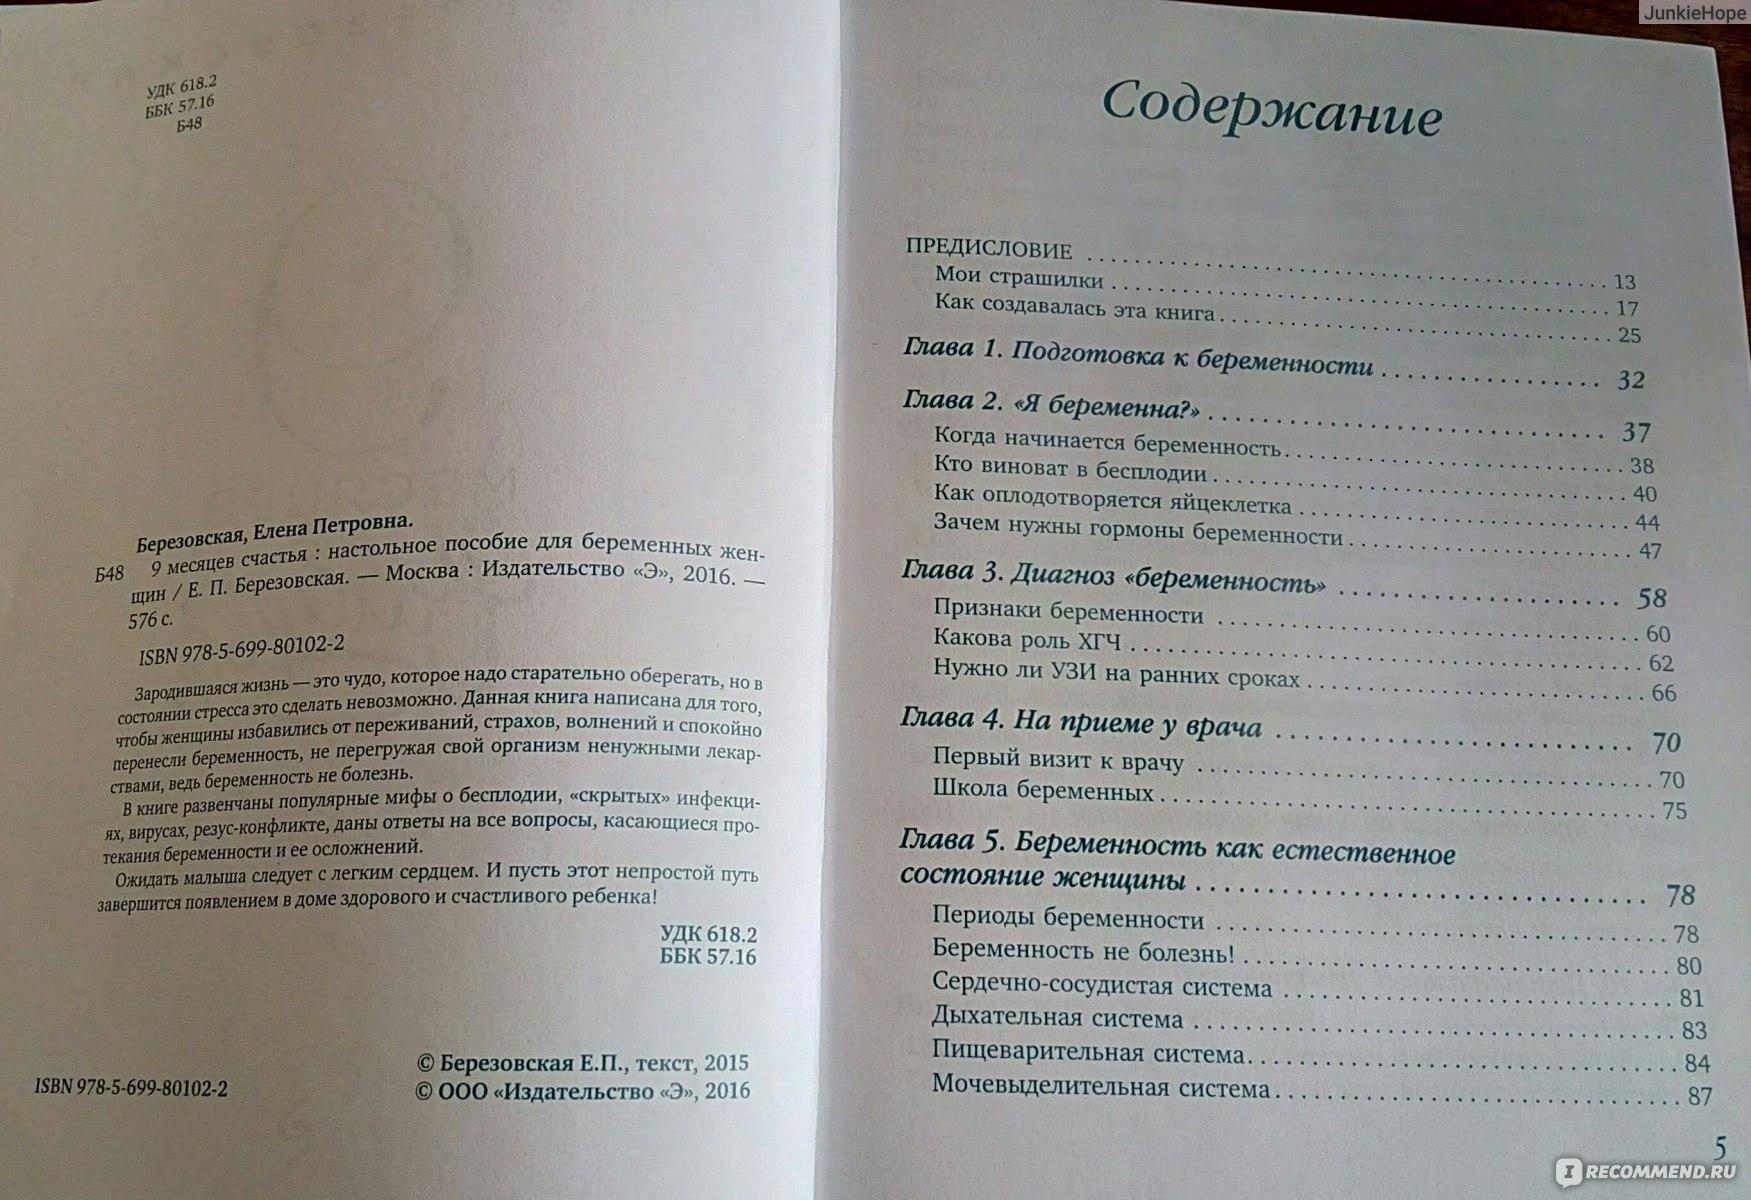 Семь мифов о беременности: разбираем вместе, где правда - mama.ru